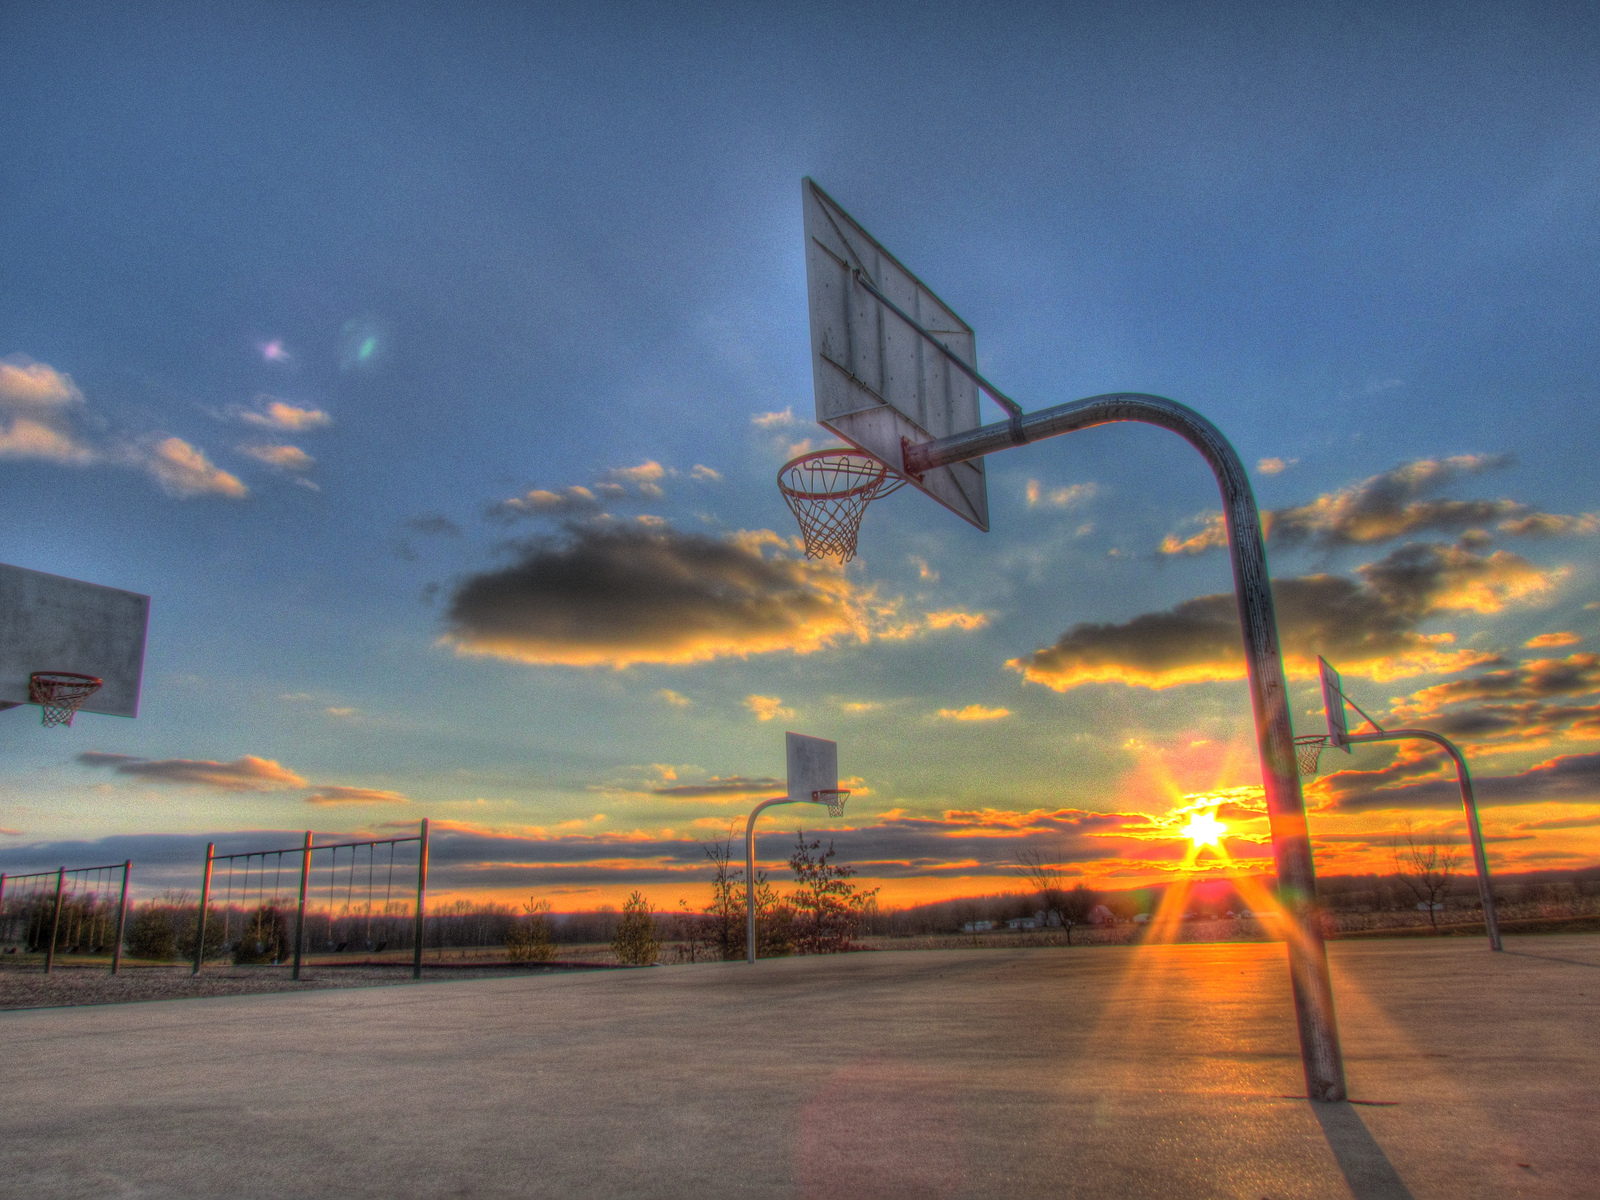 Download Basketball Court Wallpaper 1600x1200